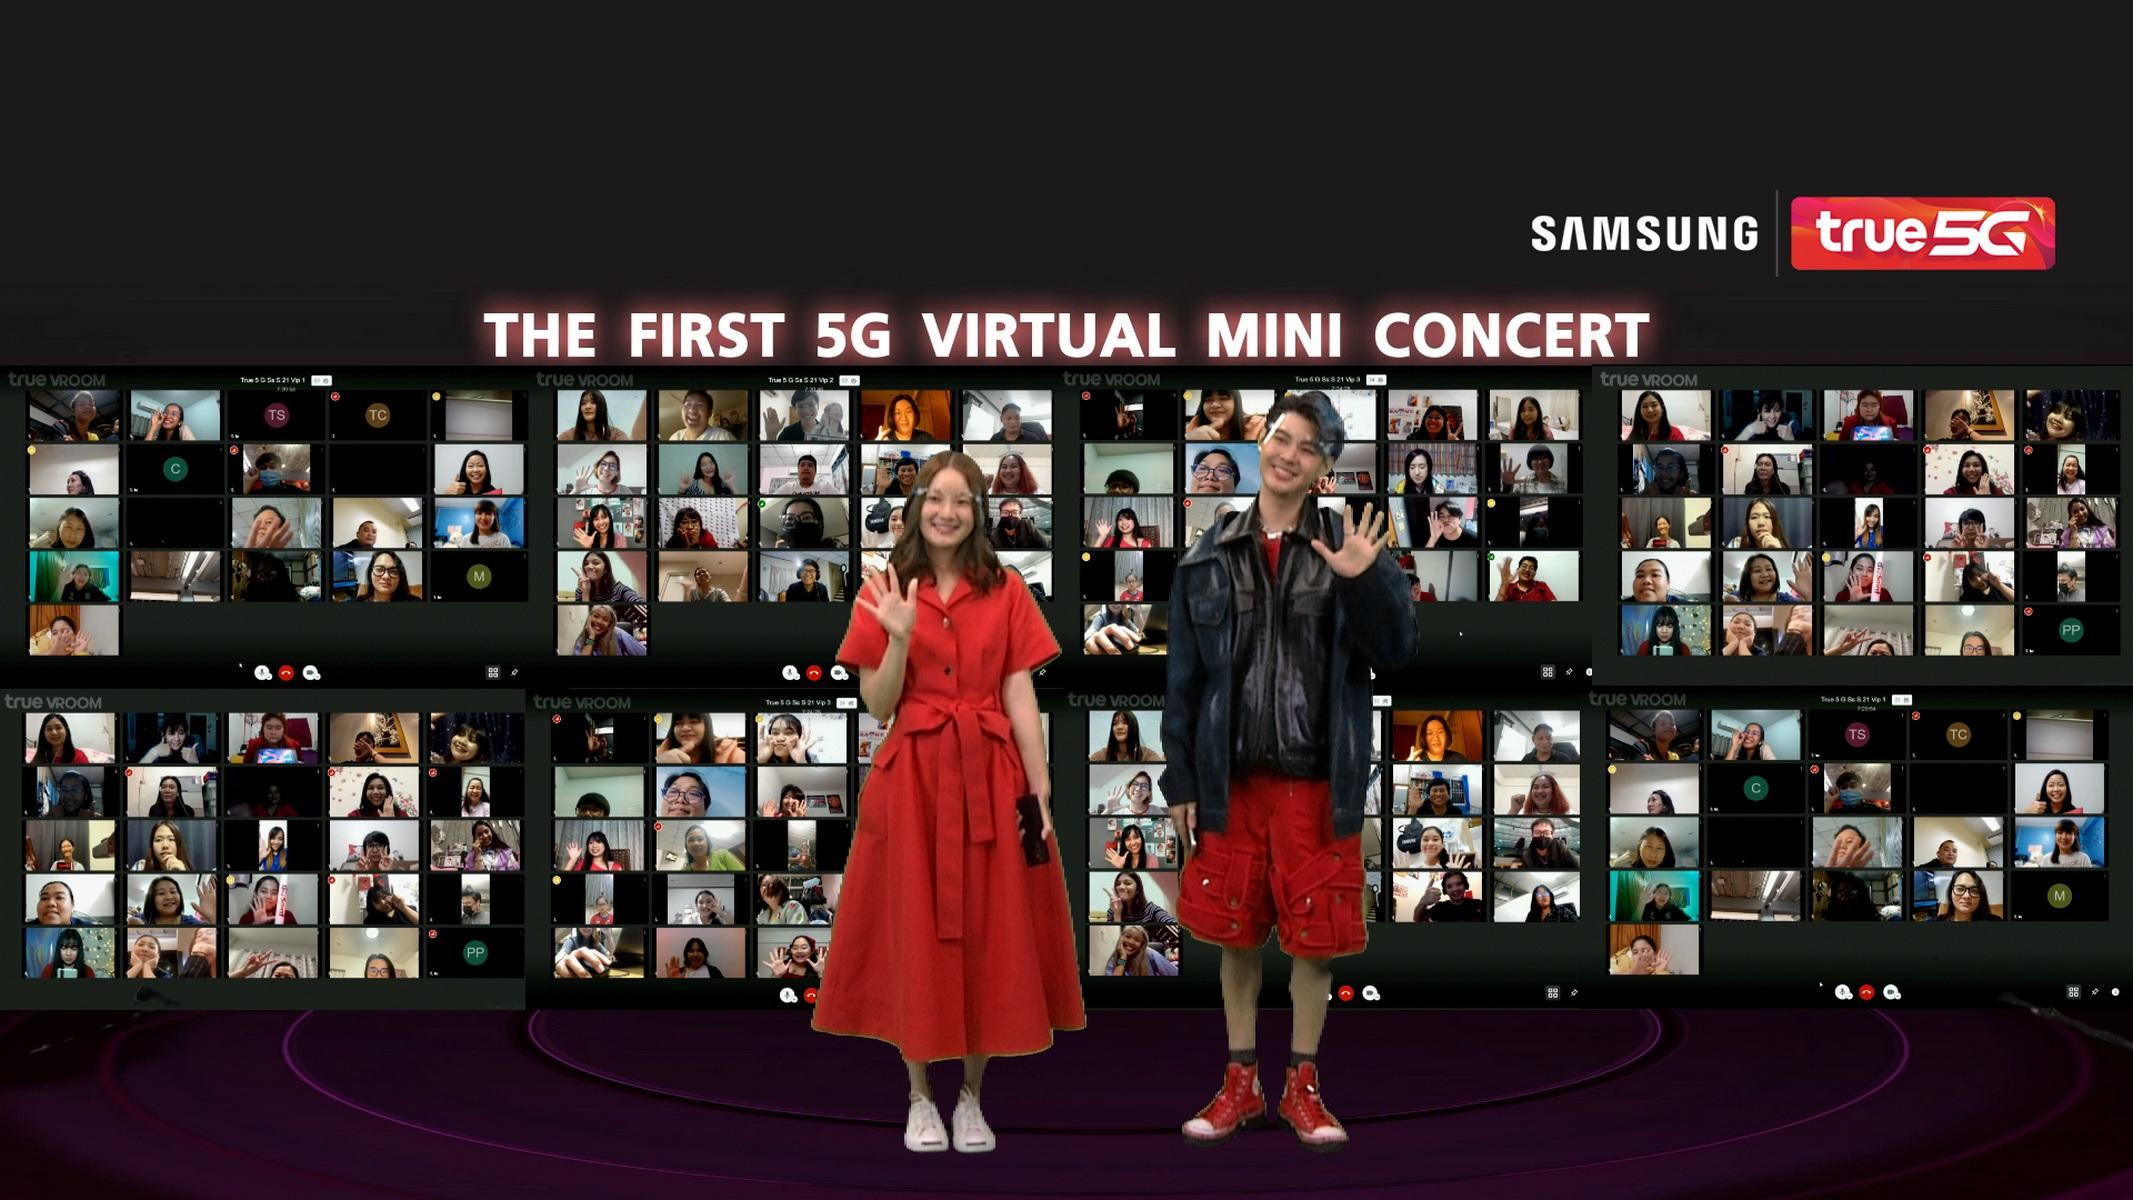 ทรู 5G แท็กทีม ซัมซุง แชร์โมเมนต์อัจฉริยะขั้นสุด แบบดีกว่า เร็วแรงกว่า 'CAPTURE YOUR EPIC TRUE 5G MOMENT' จาก 2 ศิลปินฮอต เซ้นต์ และ อิ้งค์